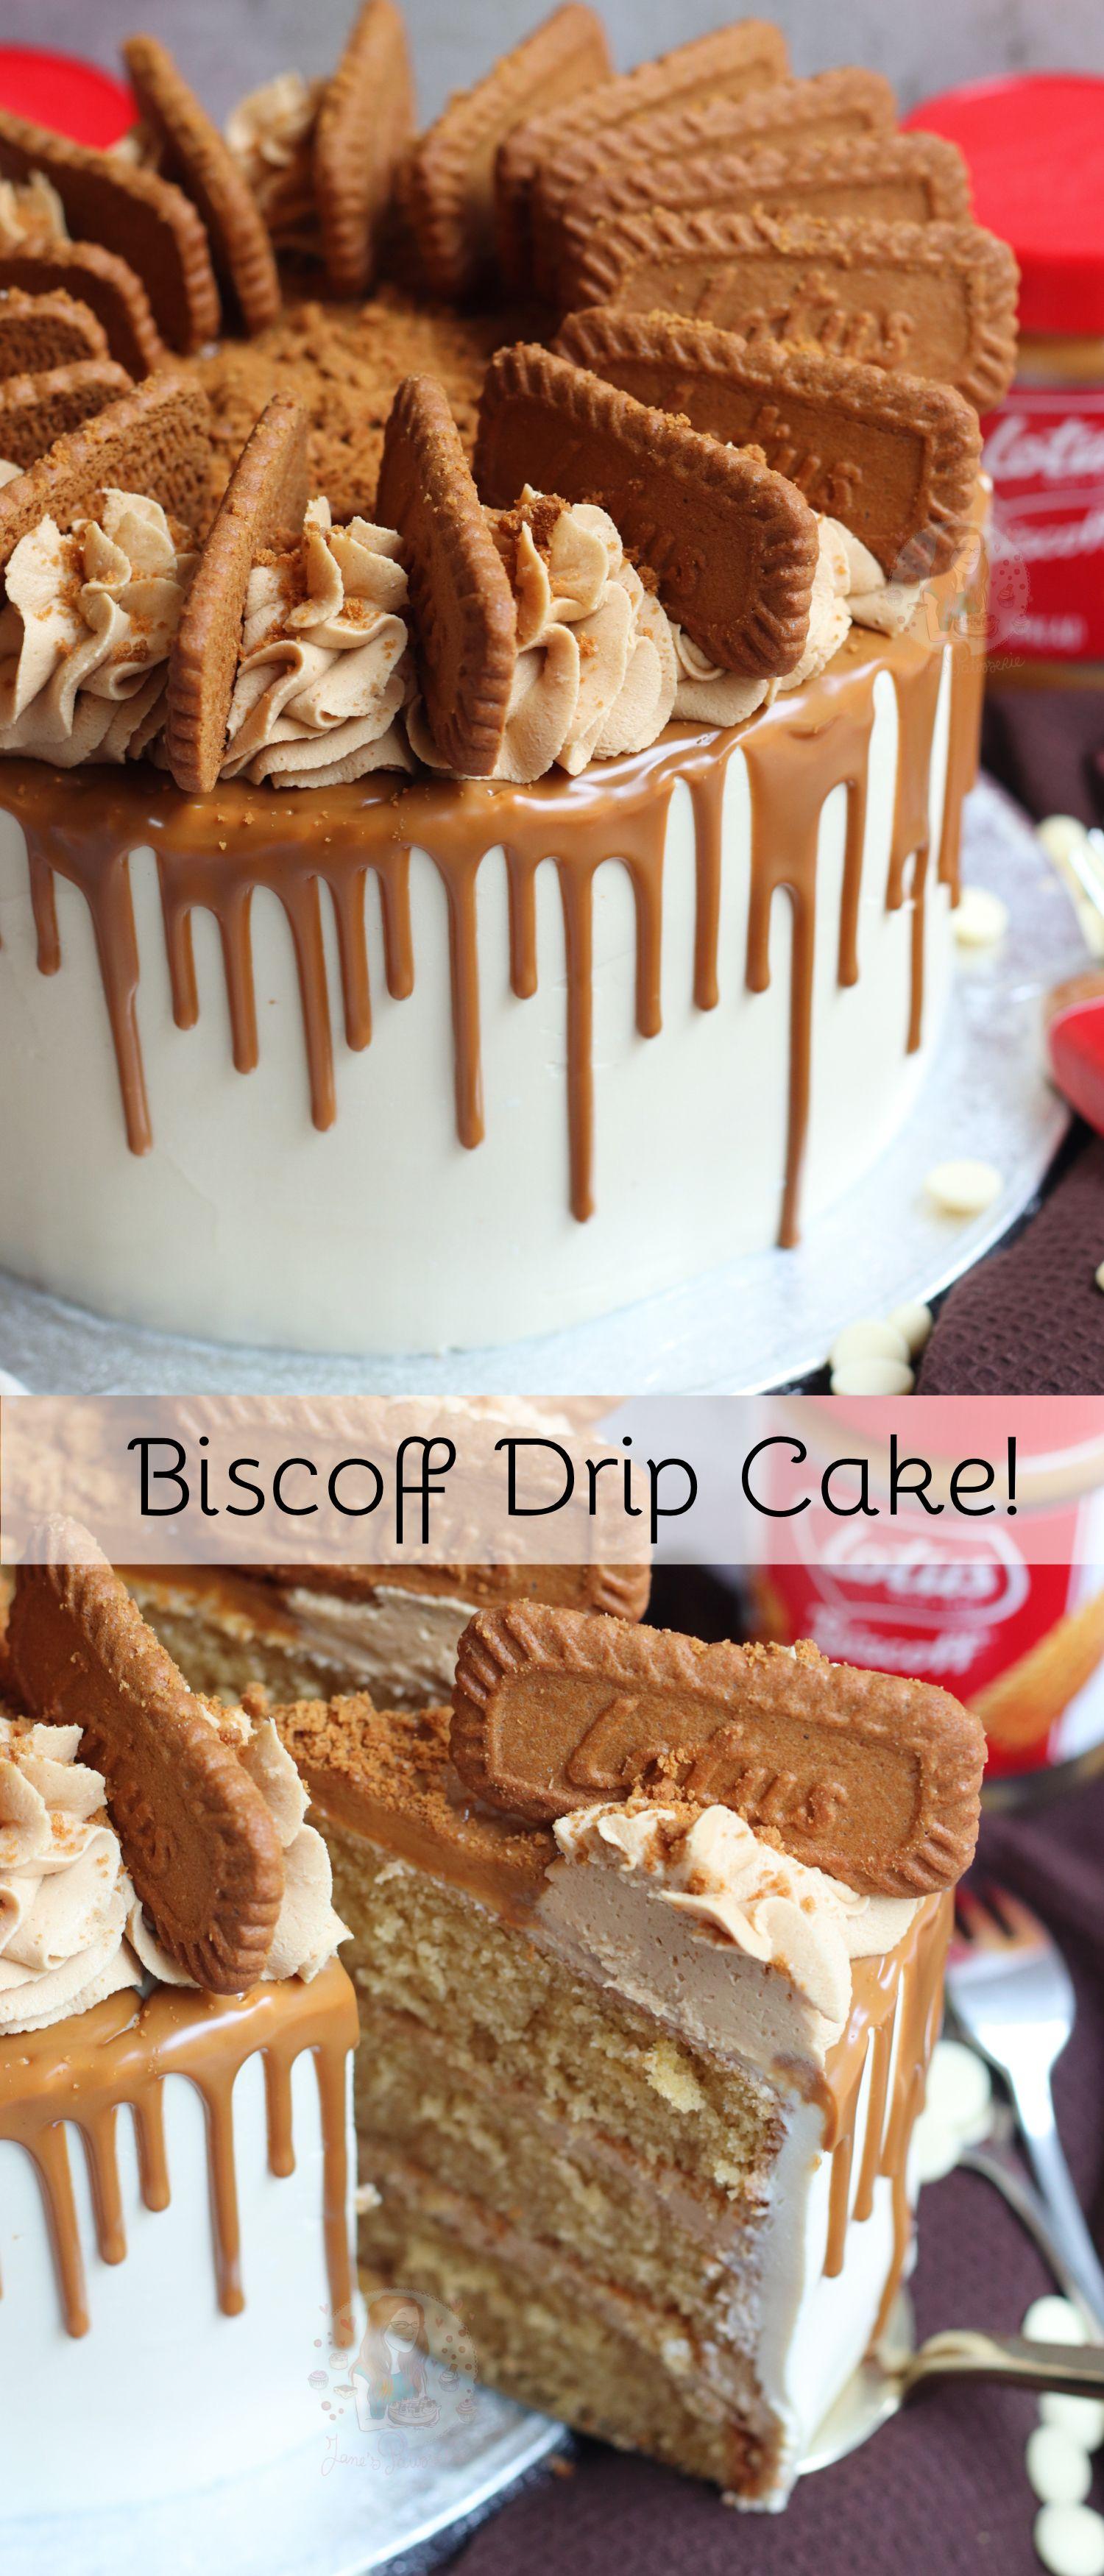 Biscoff Drip Cake! - Jane's Patisserie